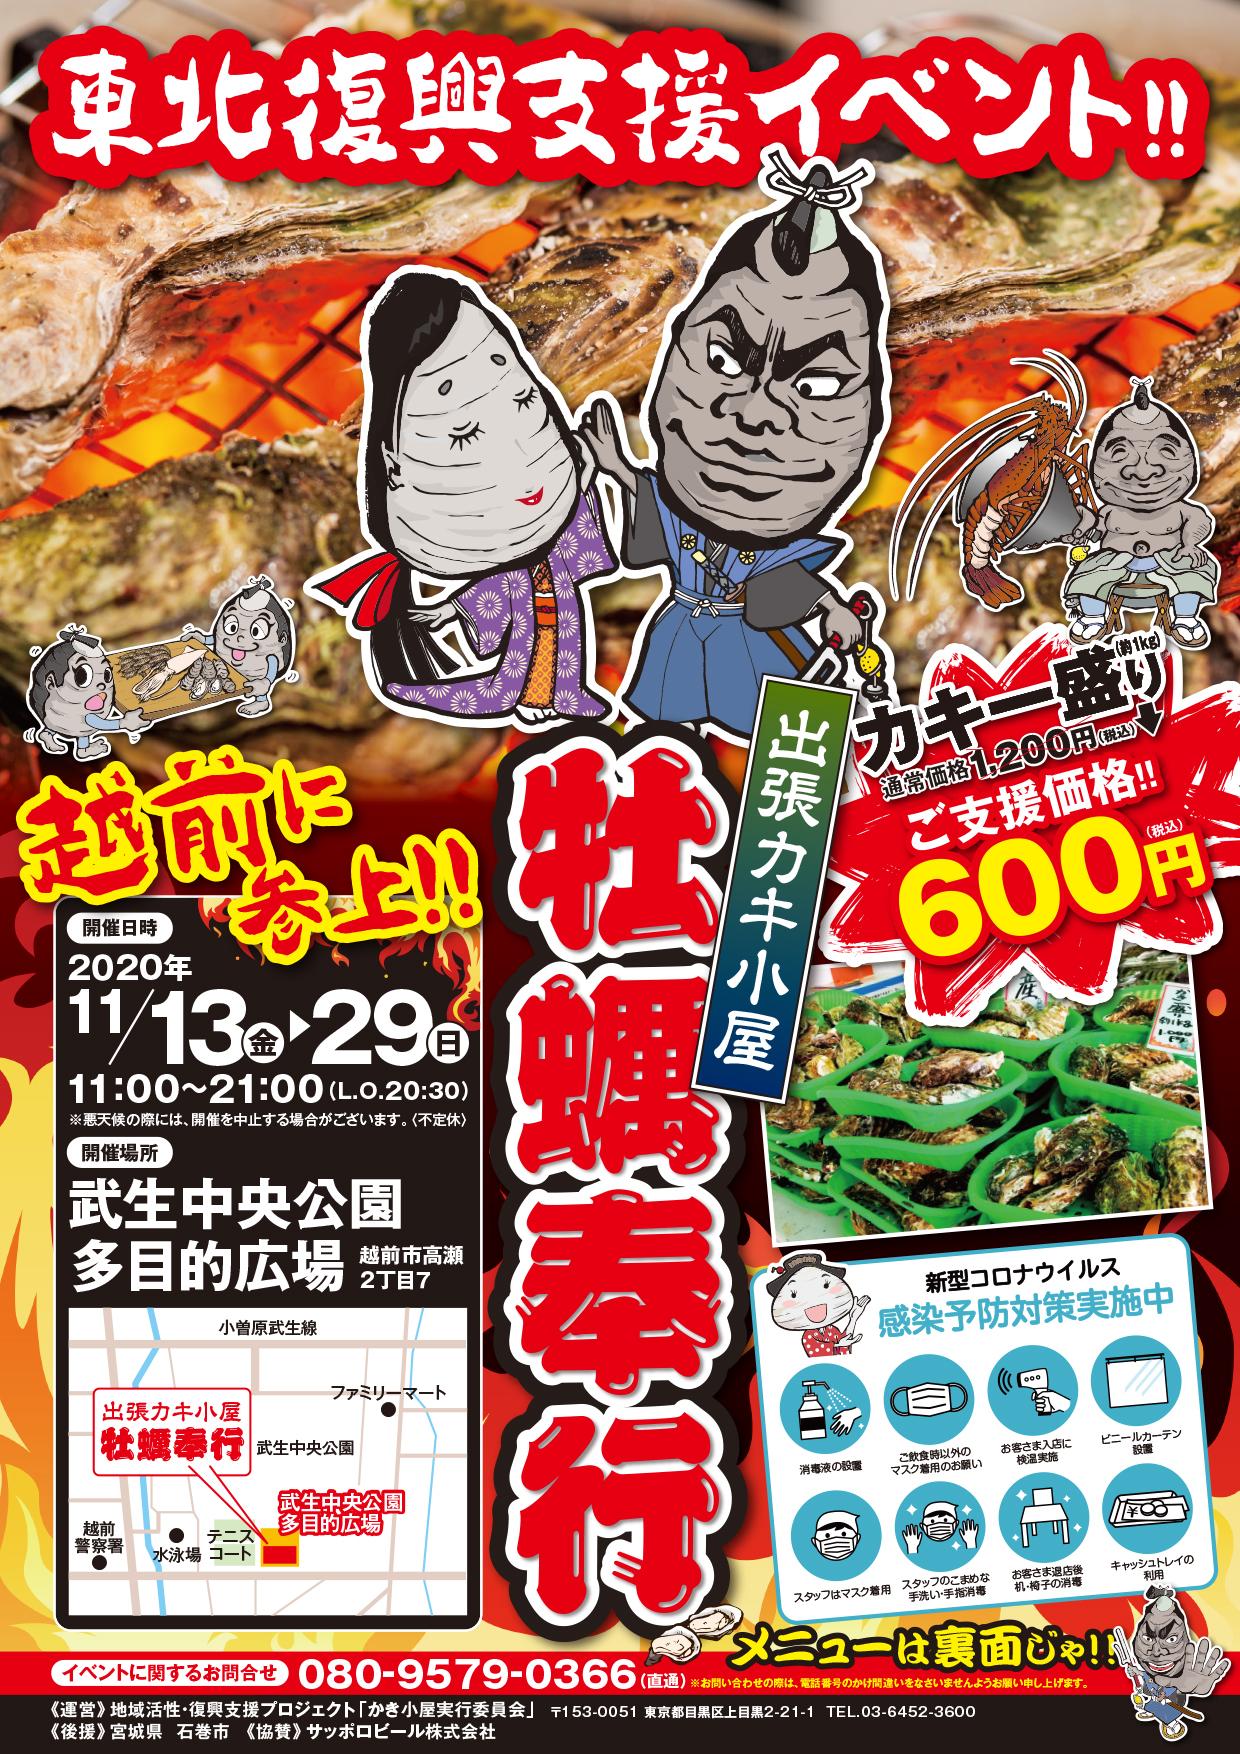 出張カキ小屋「牡蠣奉行」 in 武生中央公園 多目的広場 チラシ表面